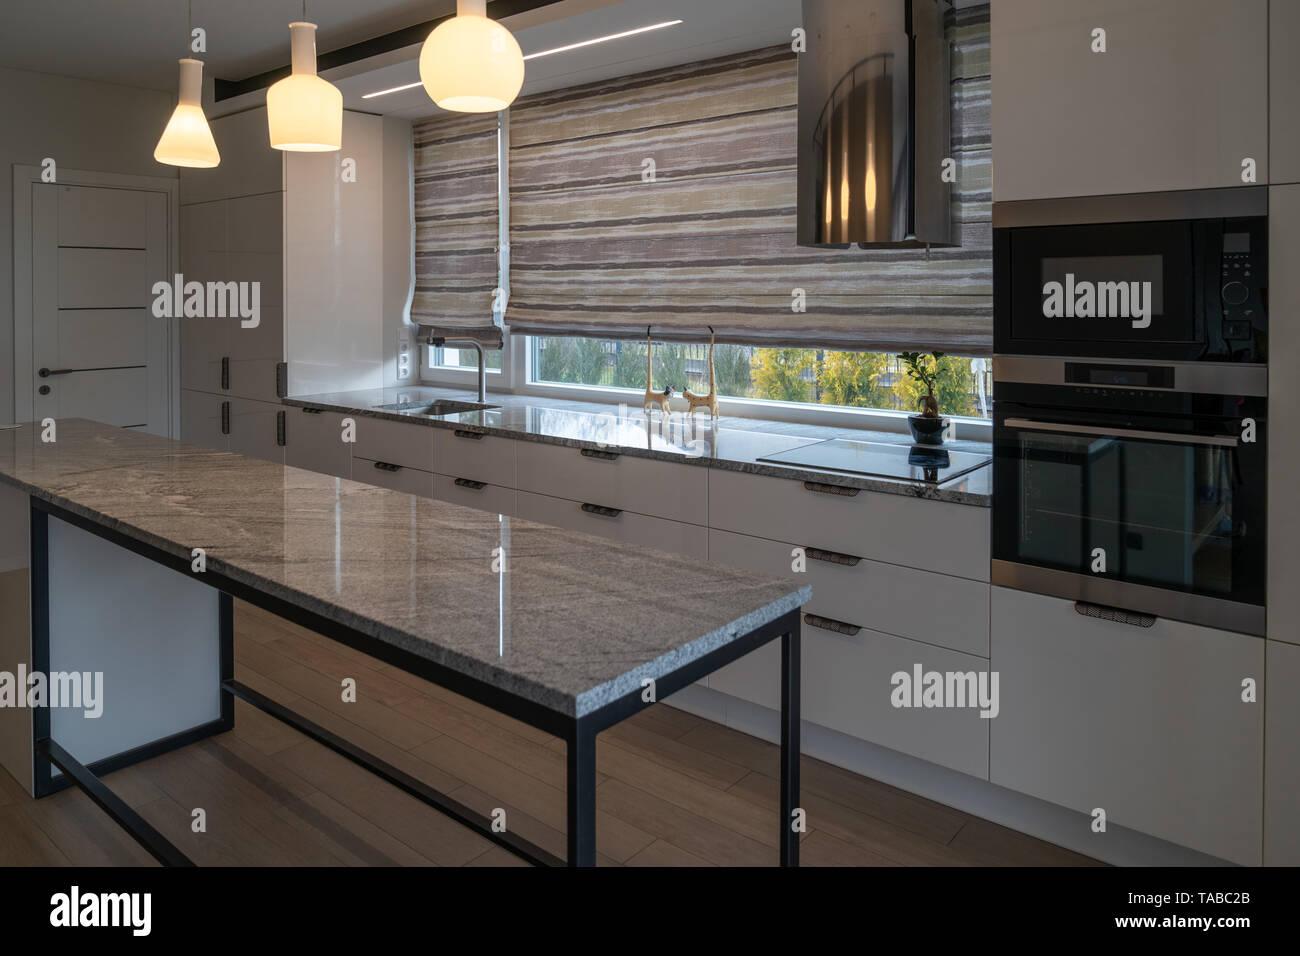 Muebles de cocina moderna con encimeras de mármol , cajones ...